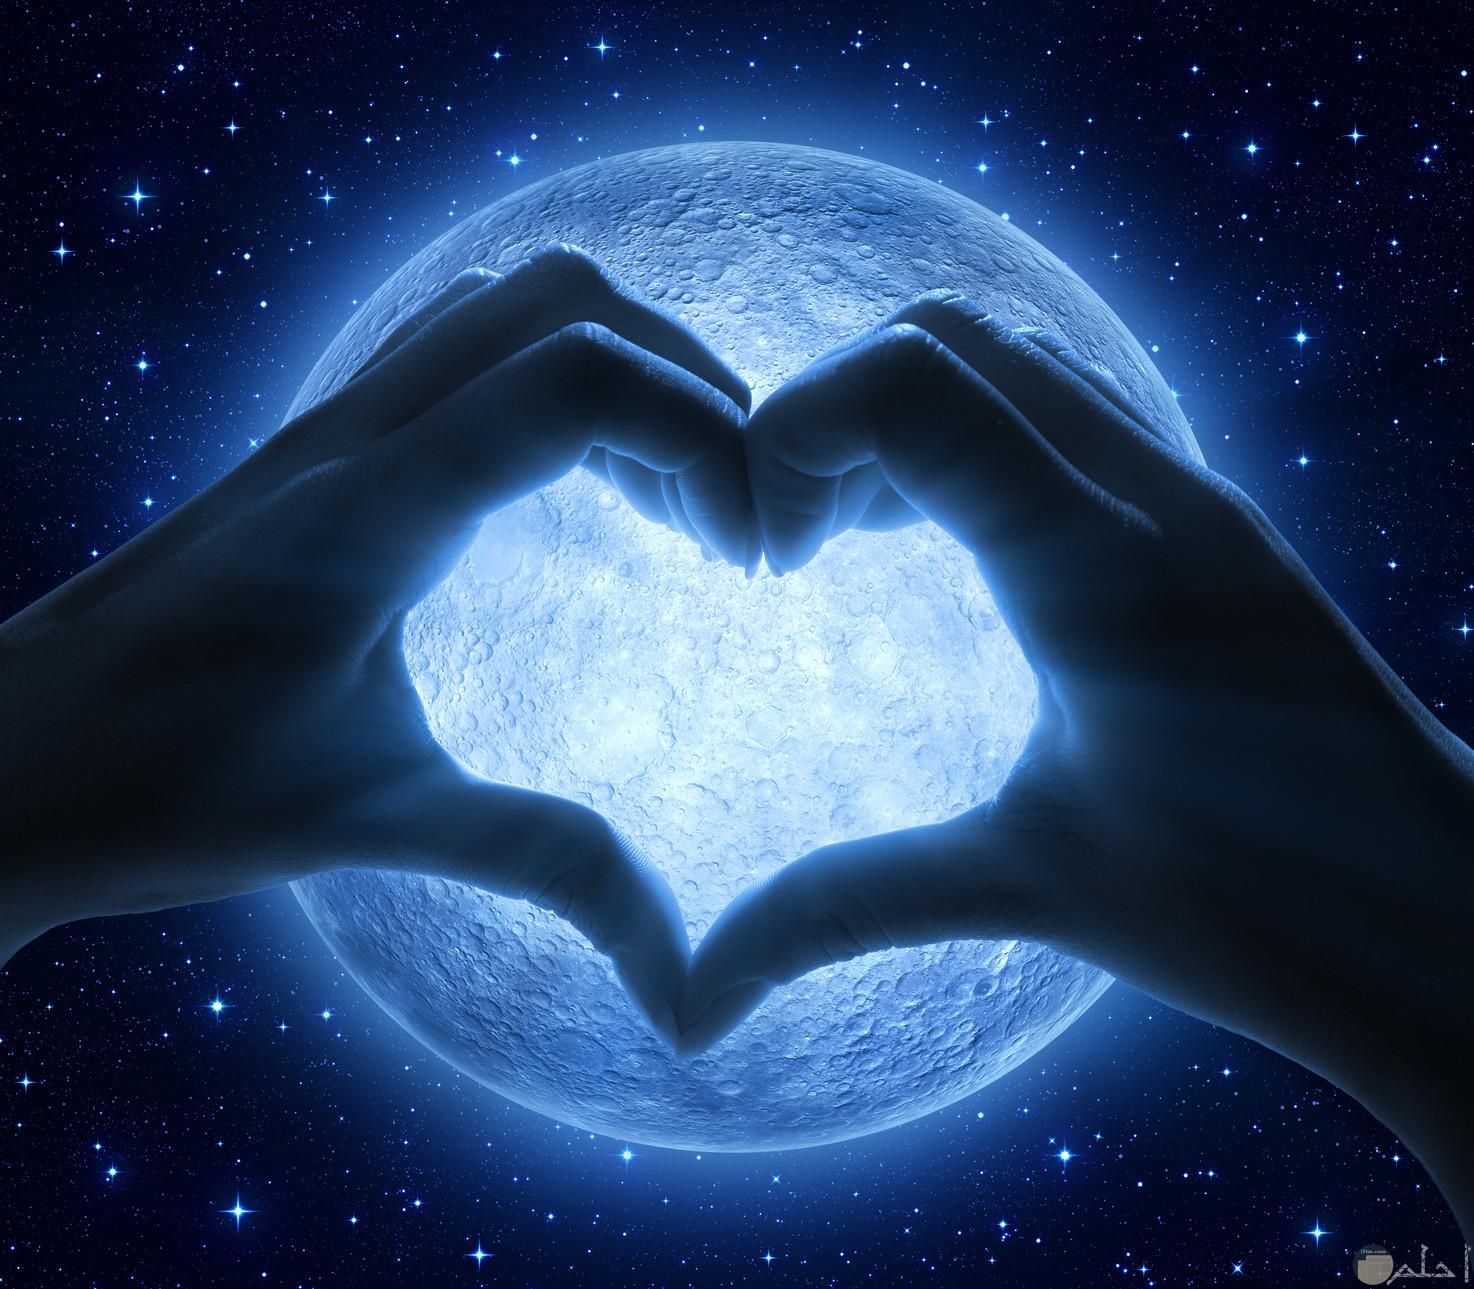 قلب من صوابع اليد مع القمر